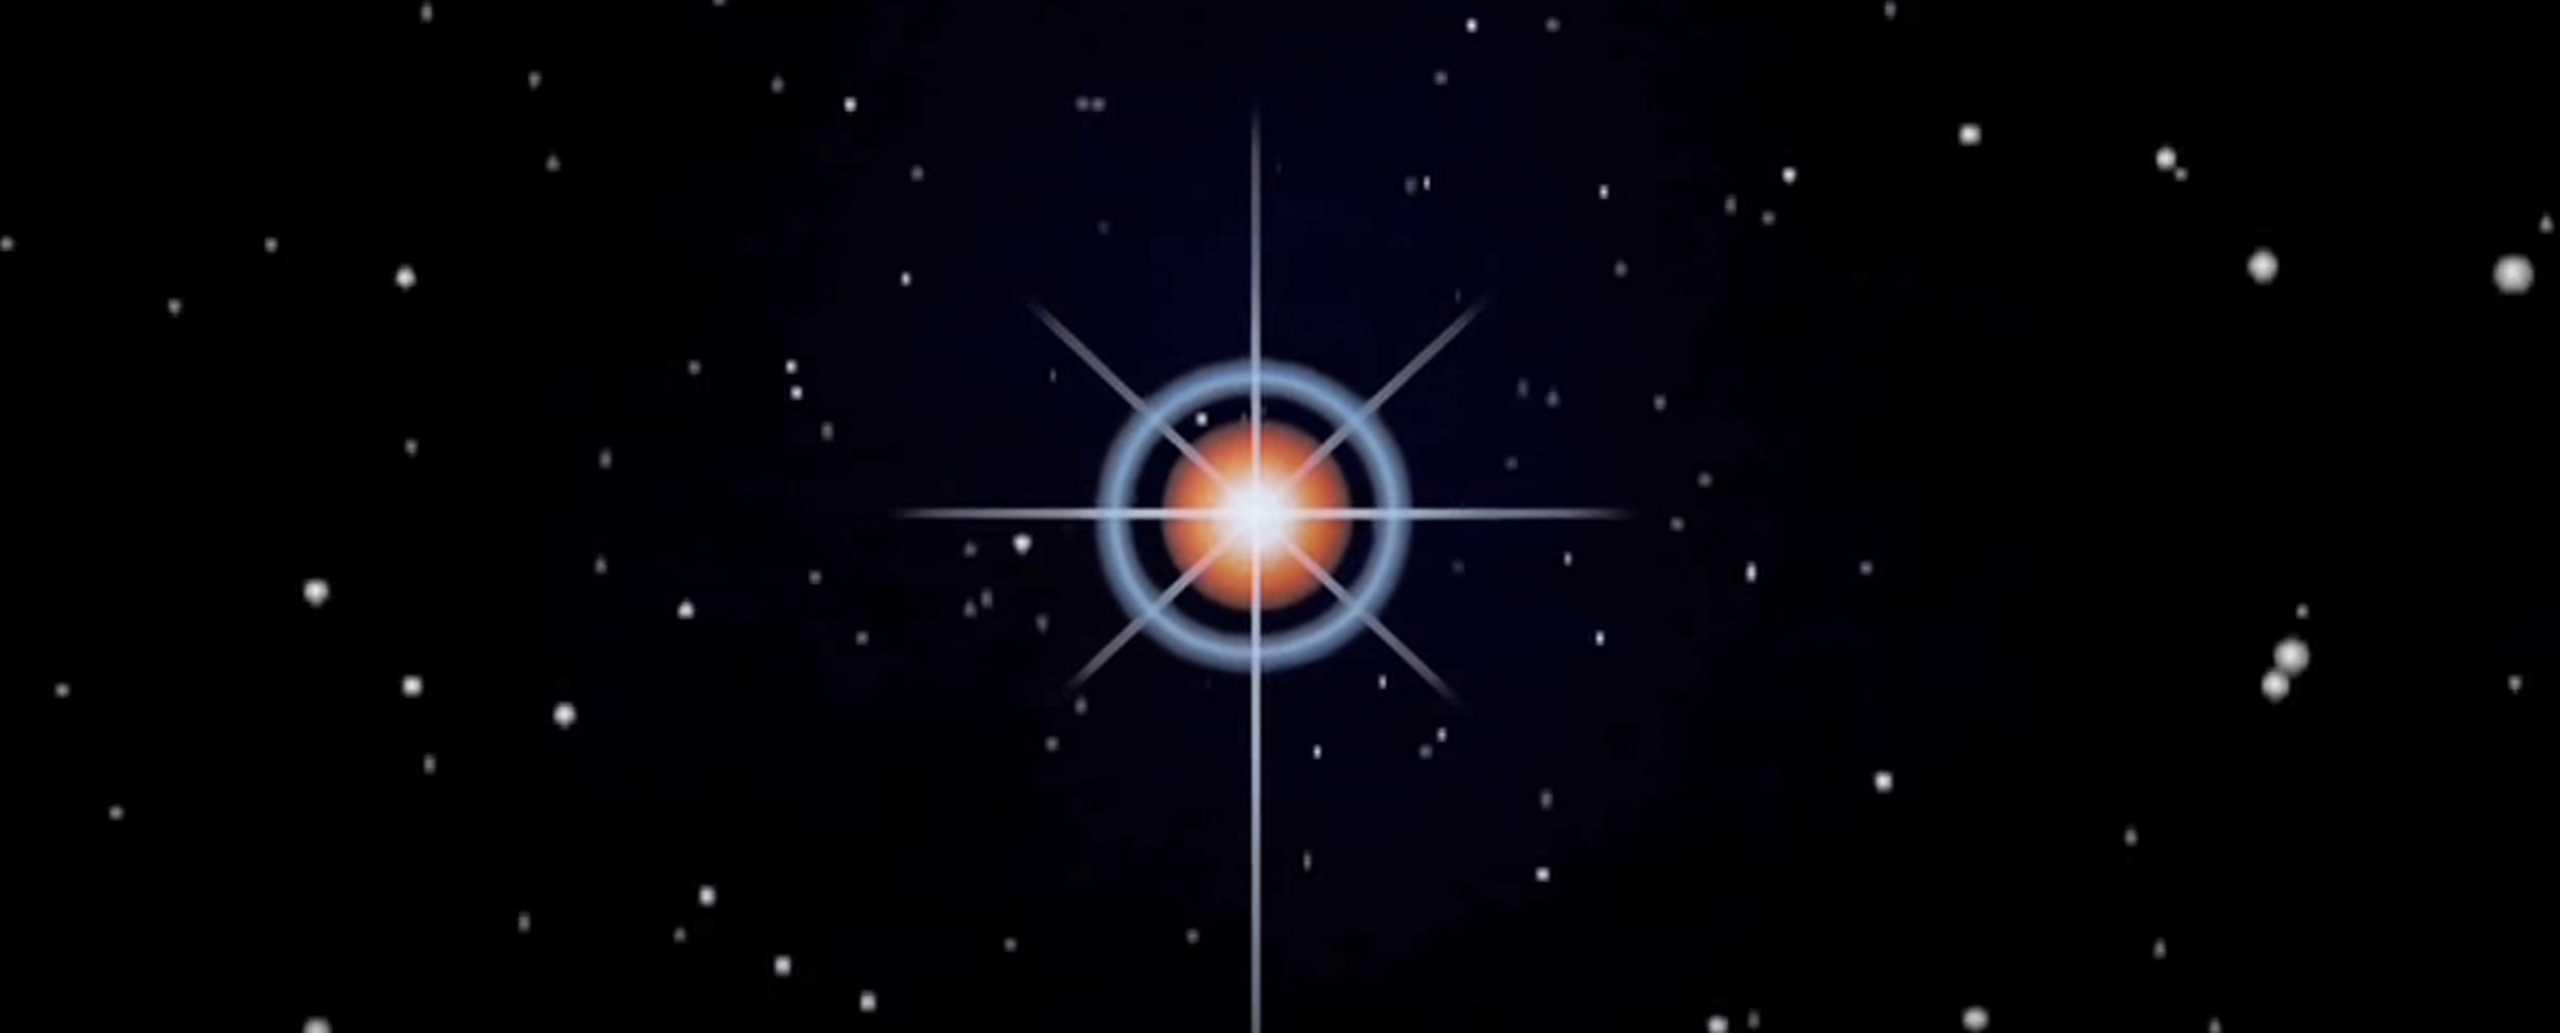 Το «Αστέρι της Βηθλεέμ» θα είναι φέτος ορατό μετά από 800 χρόνια (video)